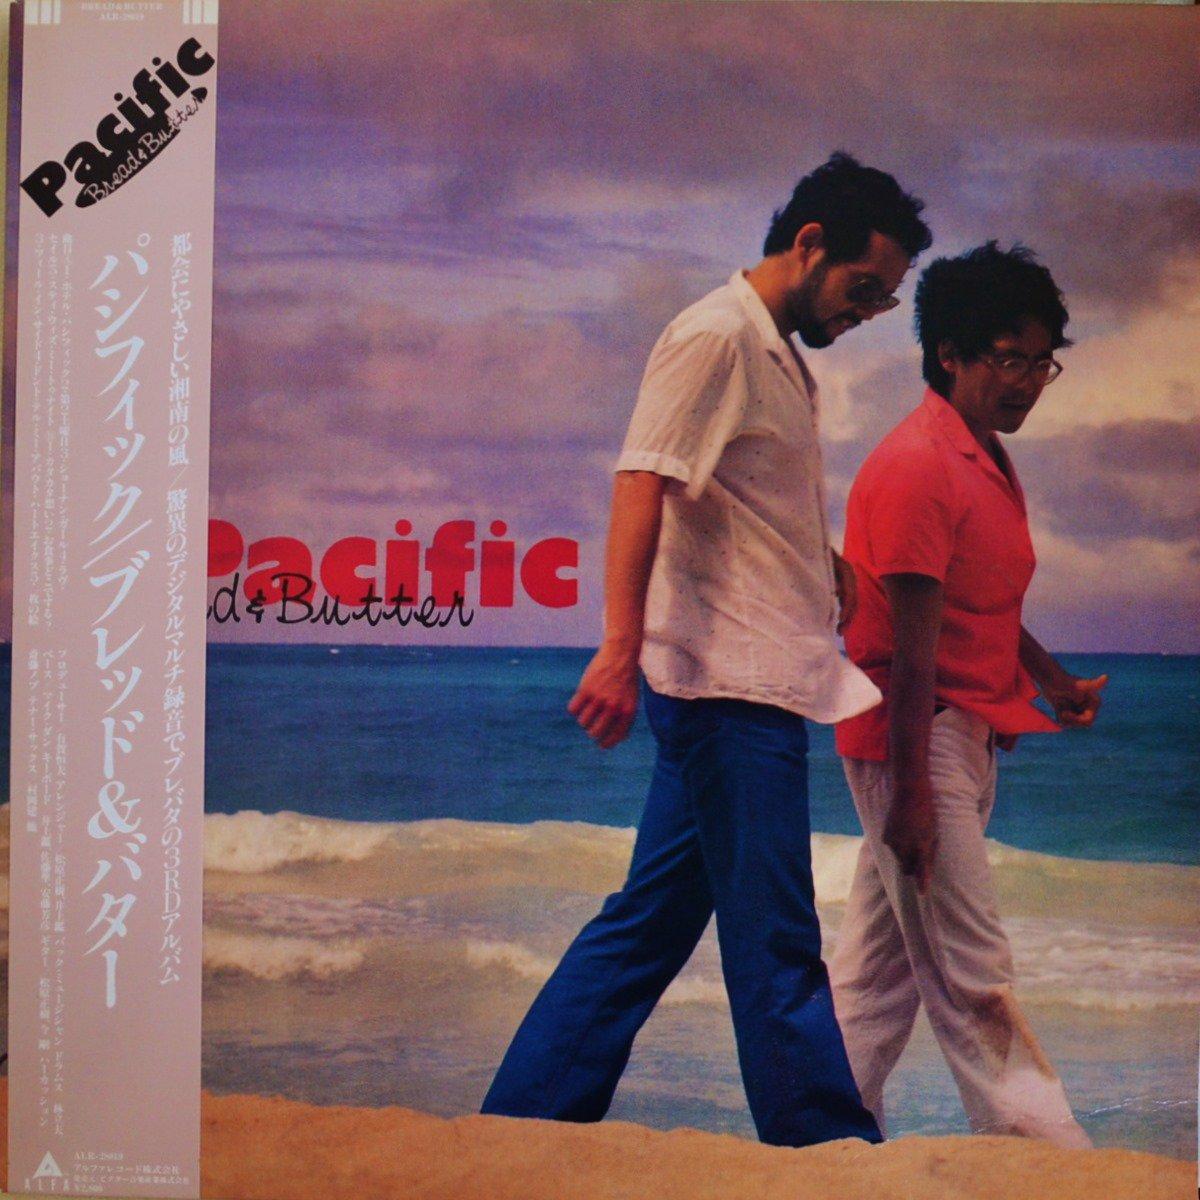 ブレッド アンド バター BREAD & BUTTER / パシフィック PACIFIC (LP)